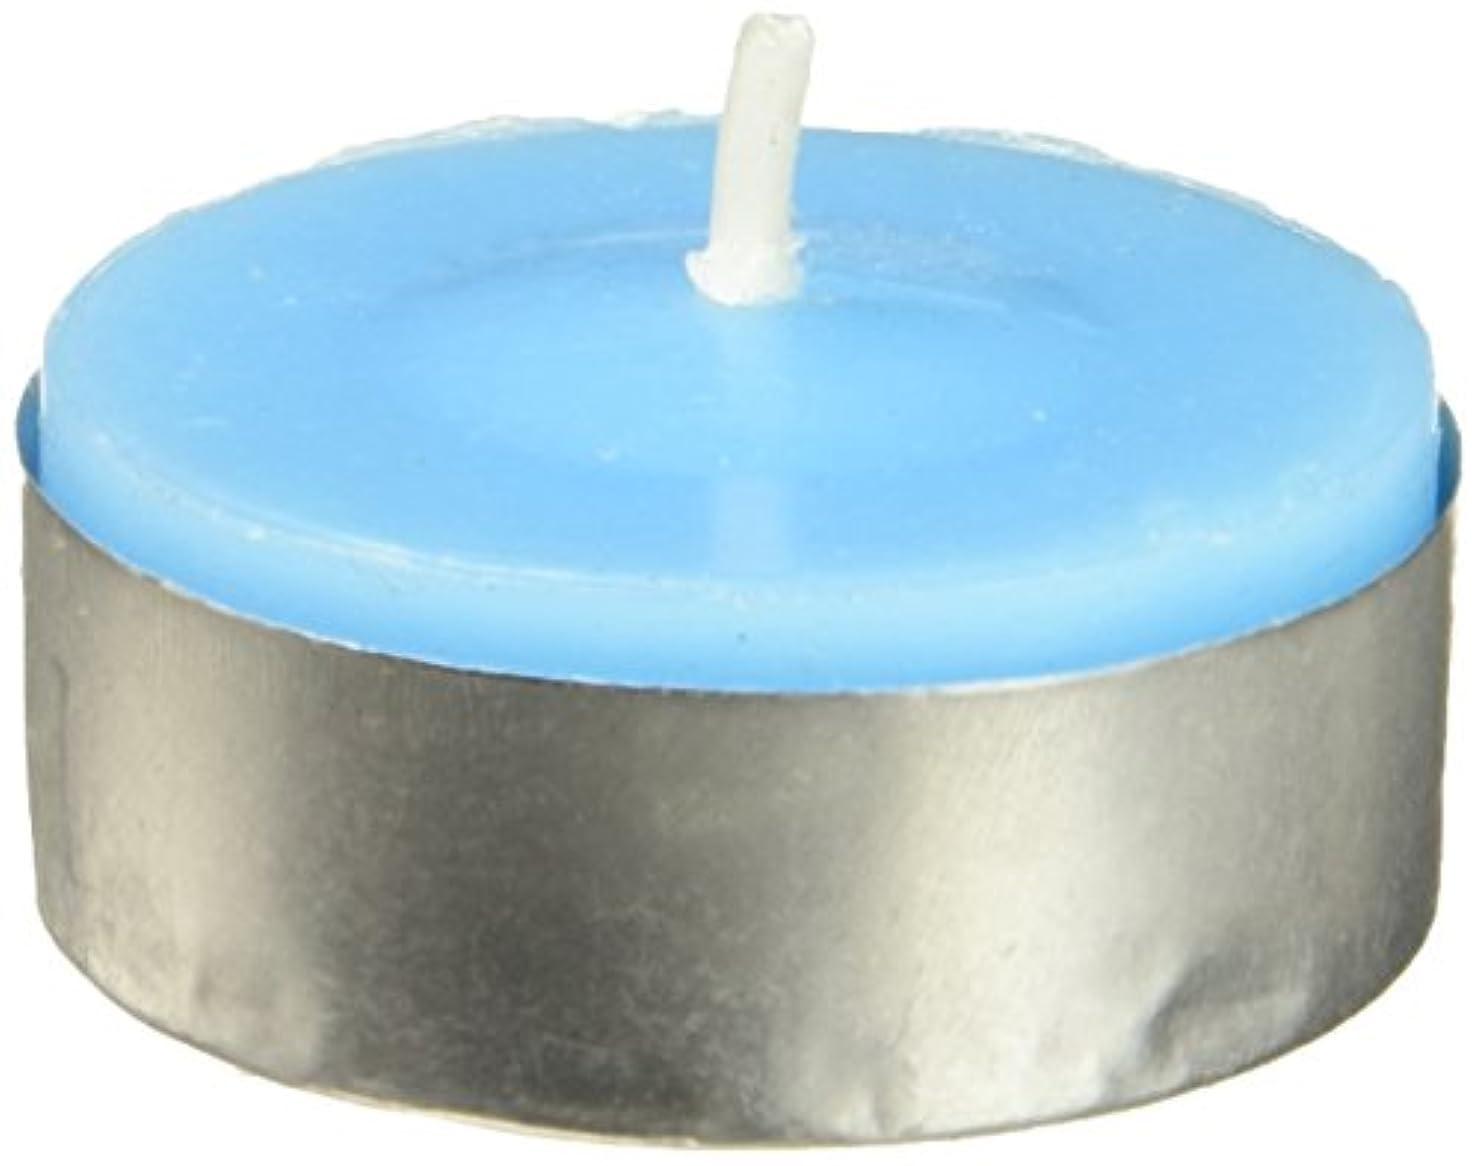 カフェ周囲感情のZest Candle CTC-003 Turquoise Citronella Tealight Candles -100pcs-Box